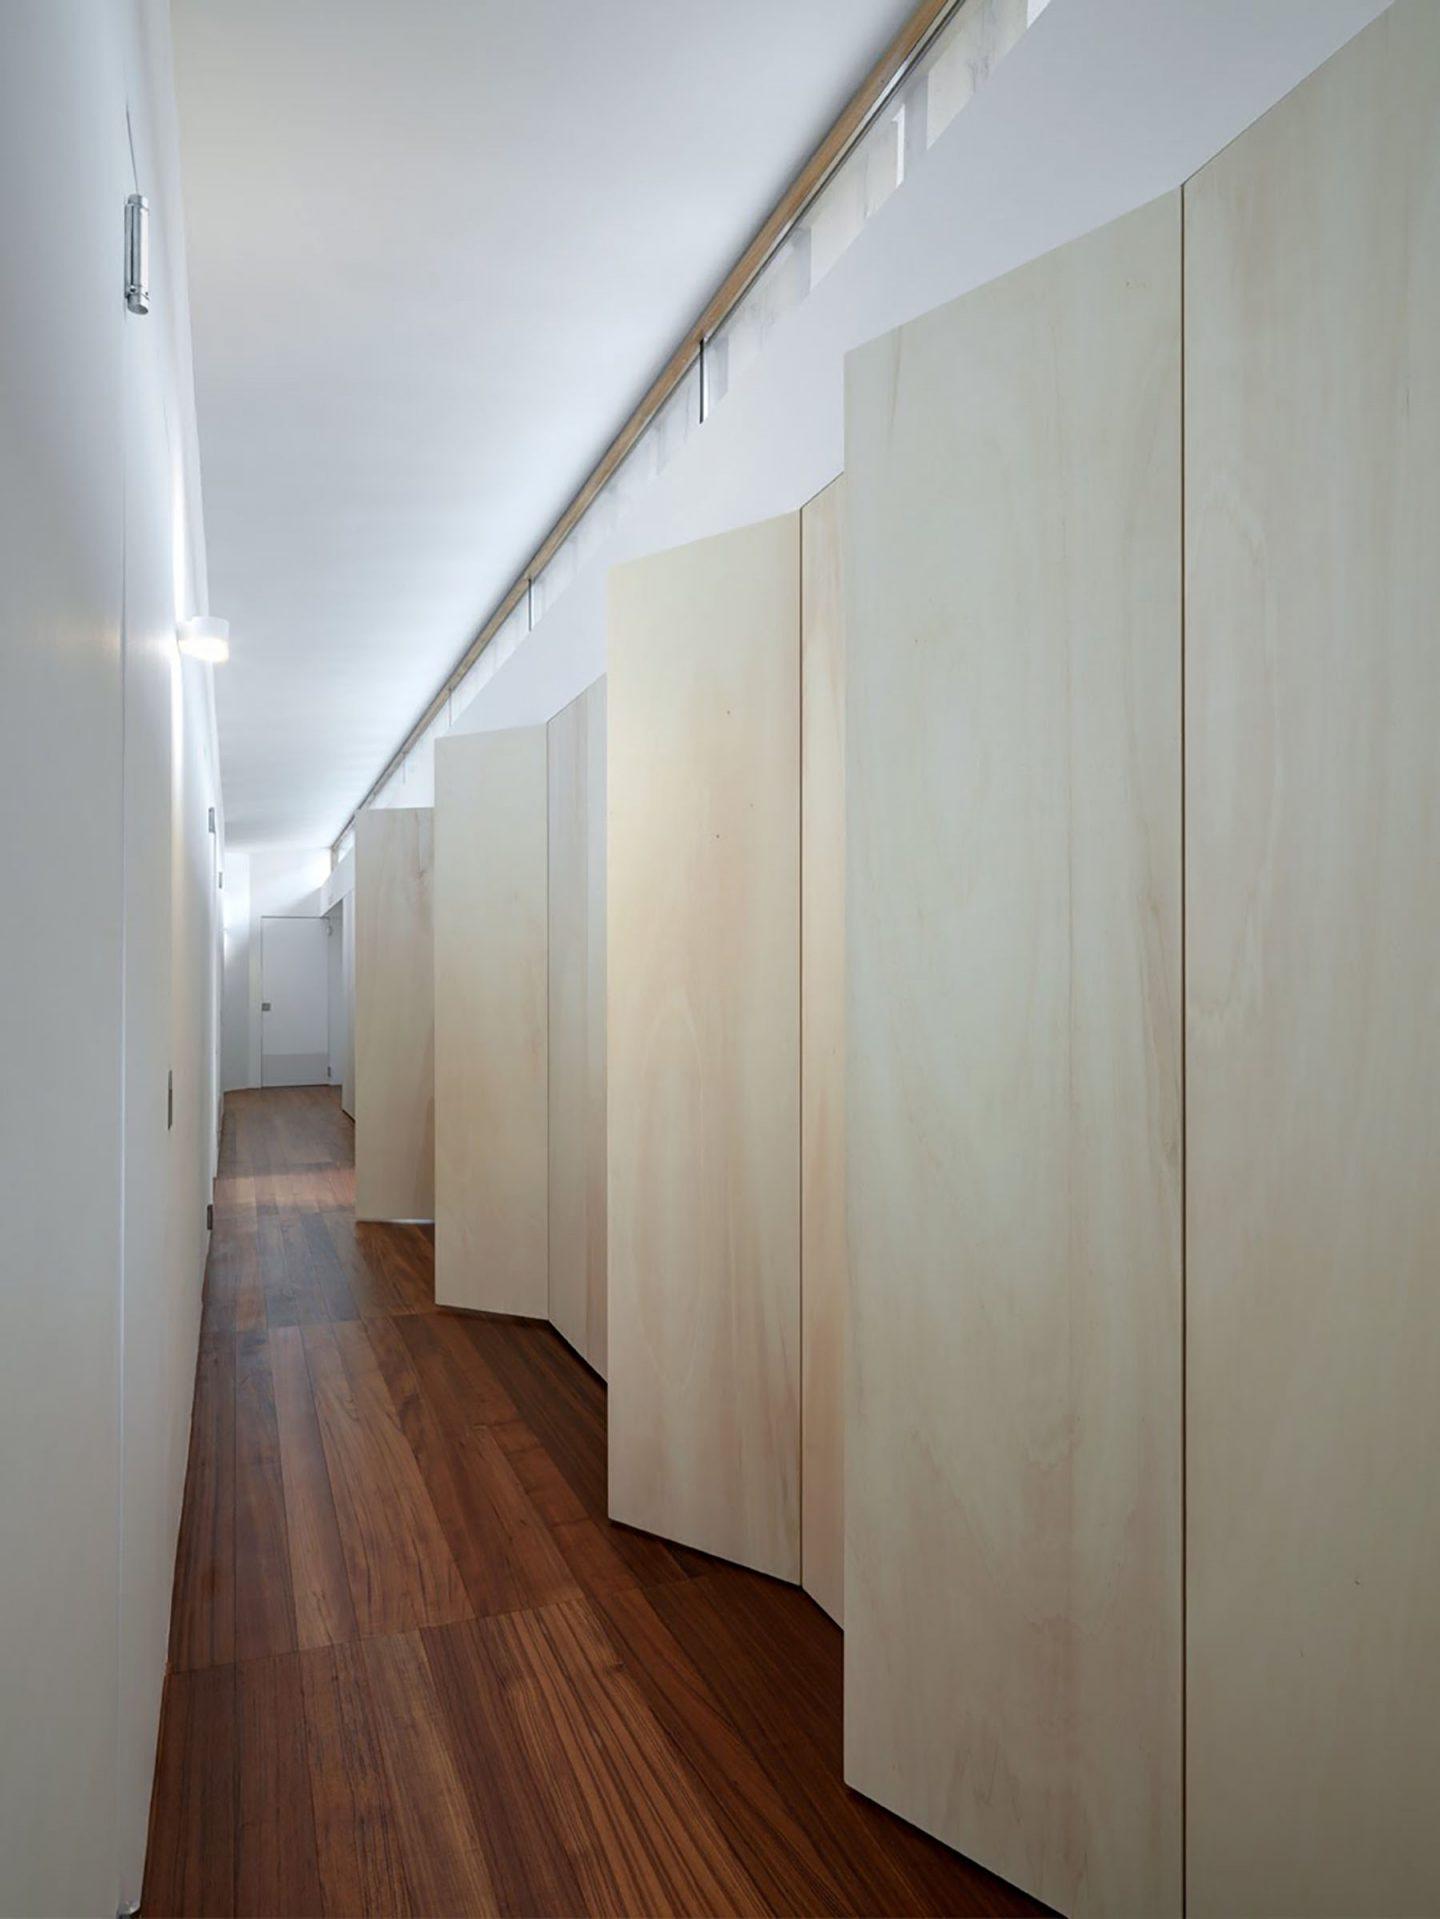 iGNANT-Architecture-Marco-Ortalli-Casa-Crb-018